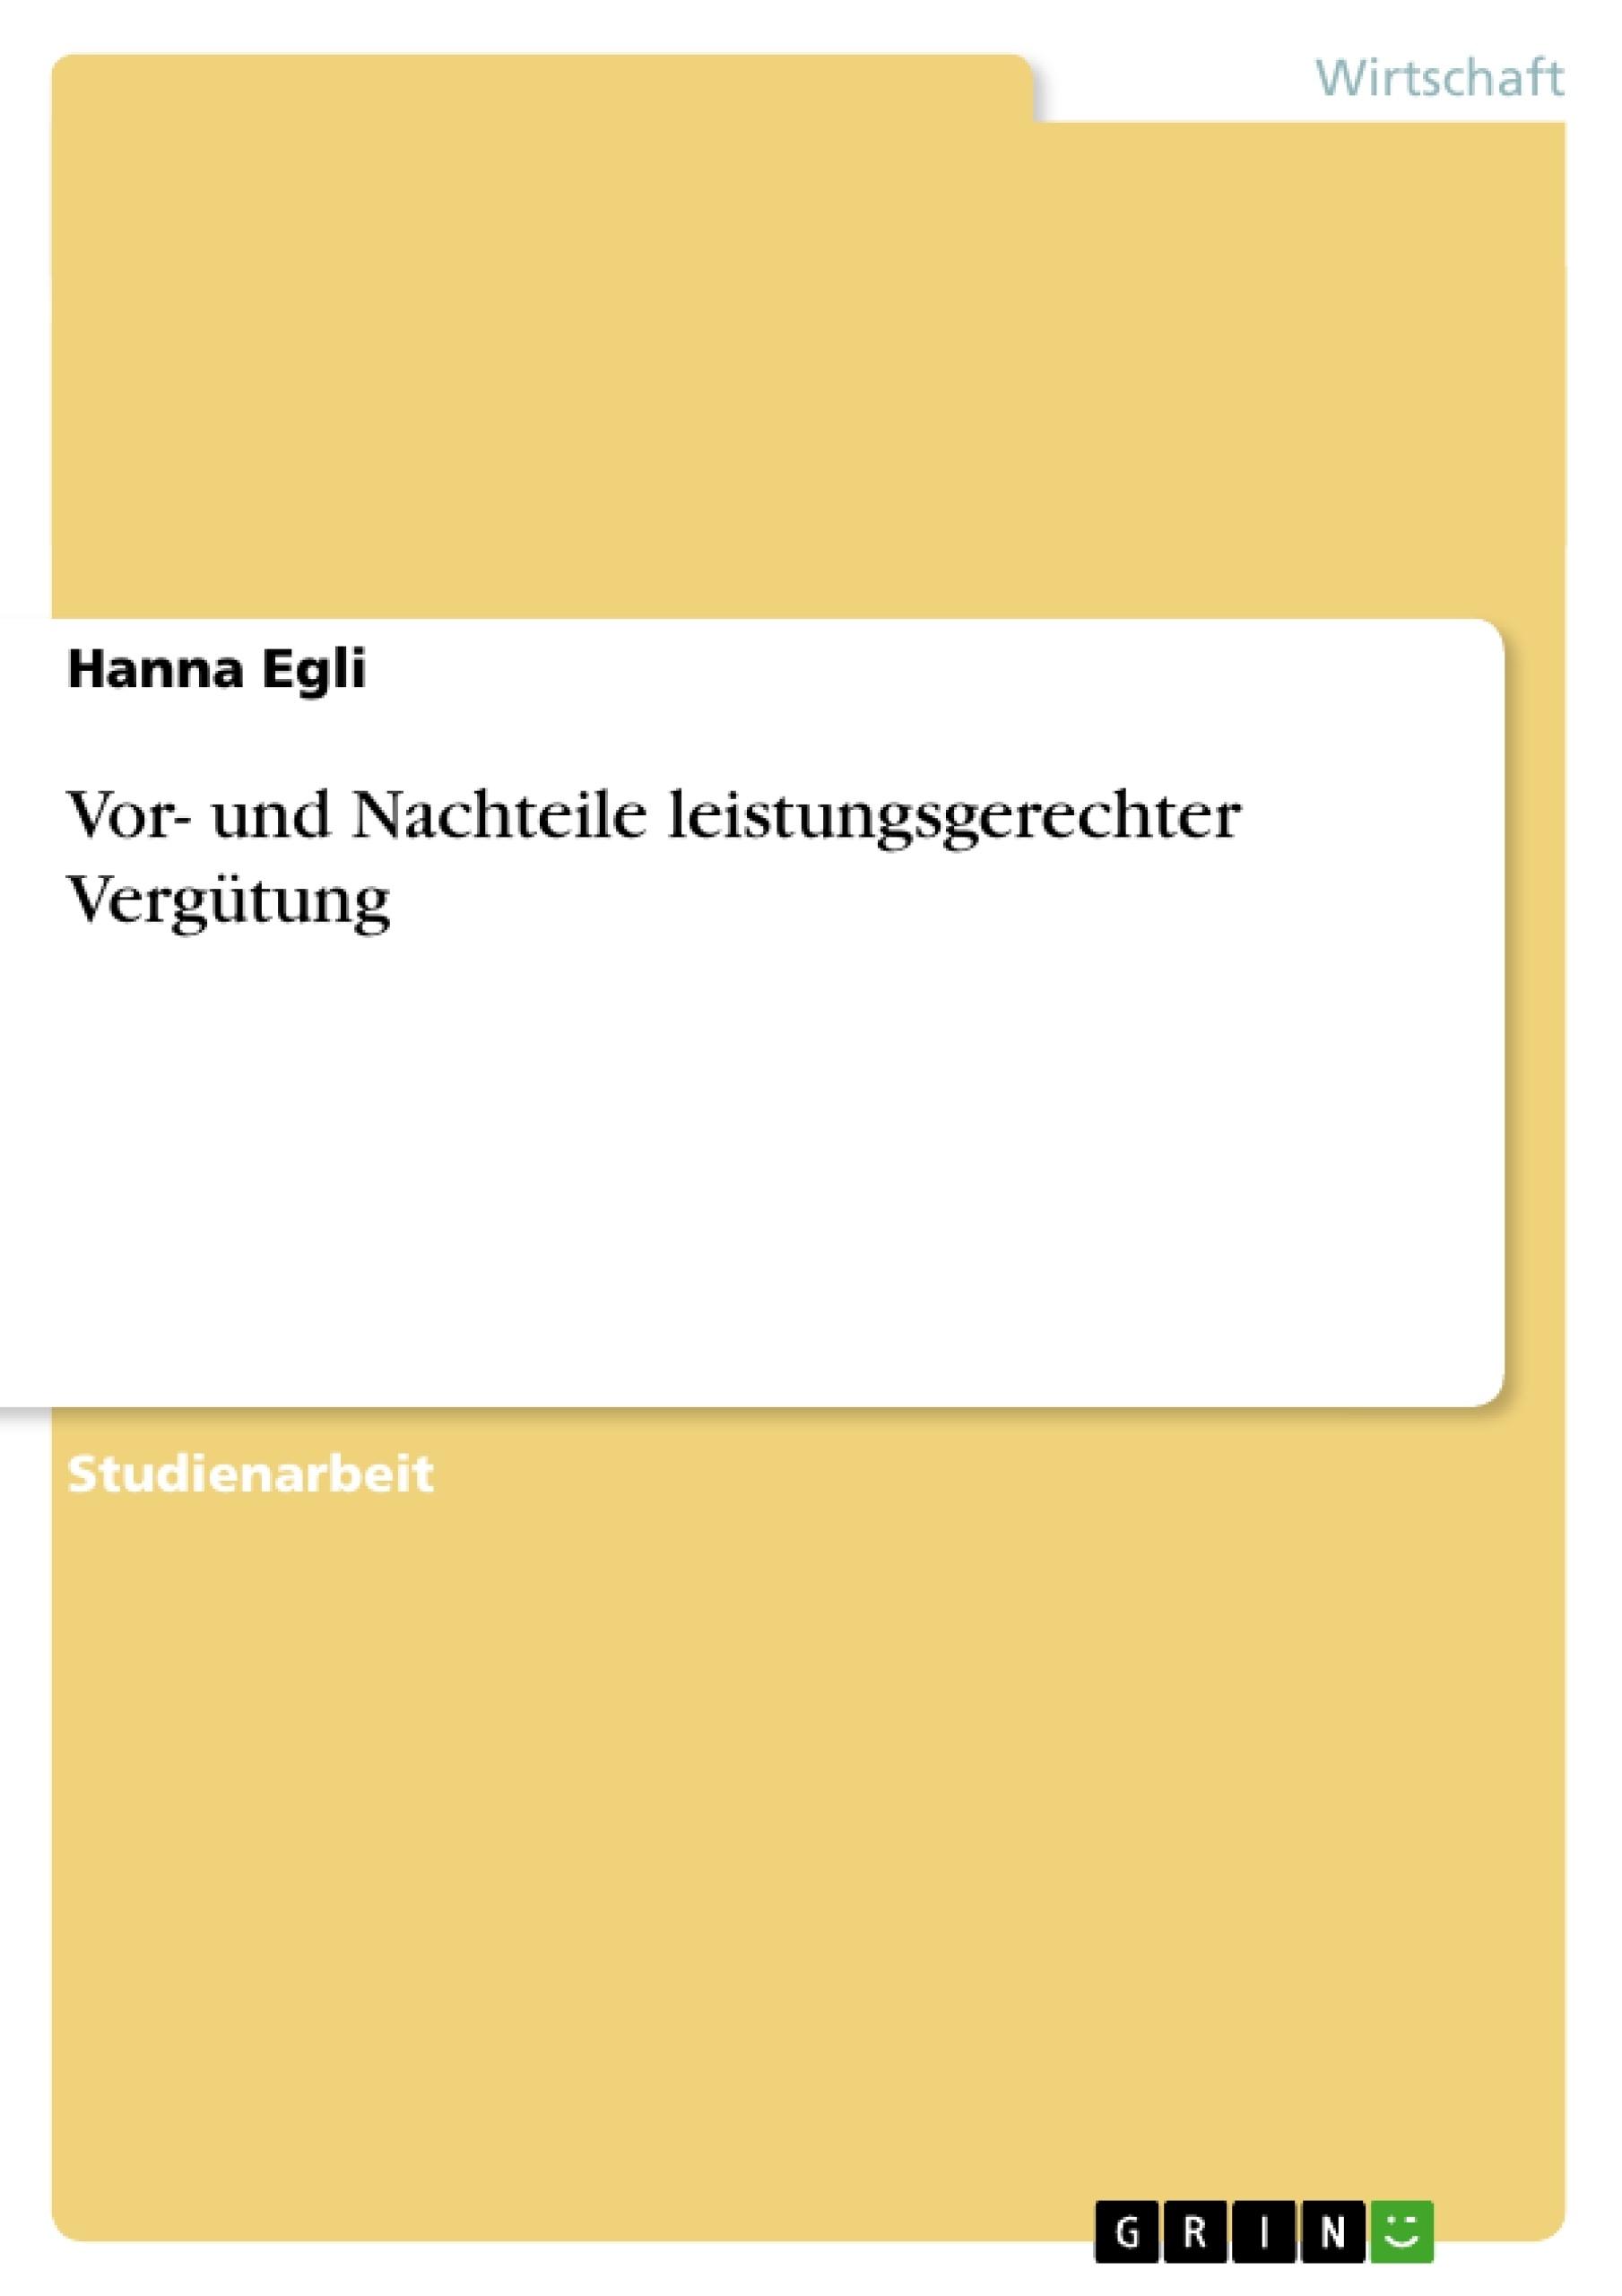 Titel: Vor- und Nachteile leistungsgerechter Vergütung